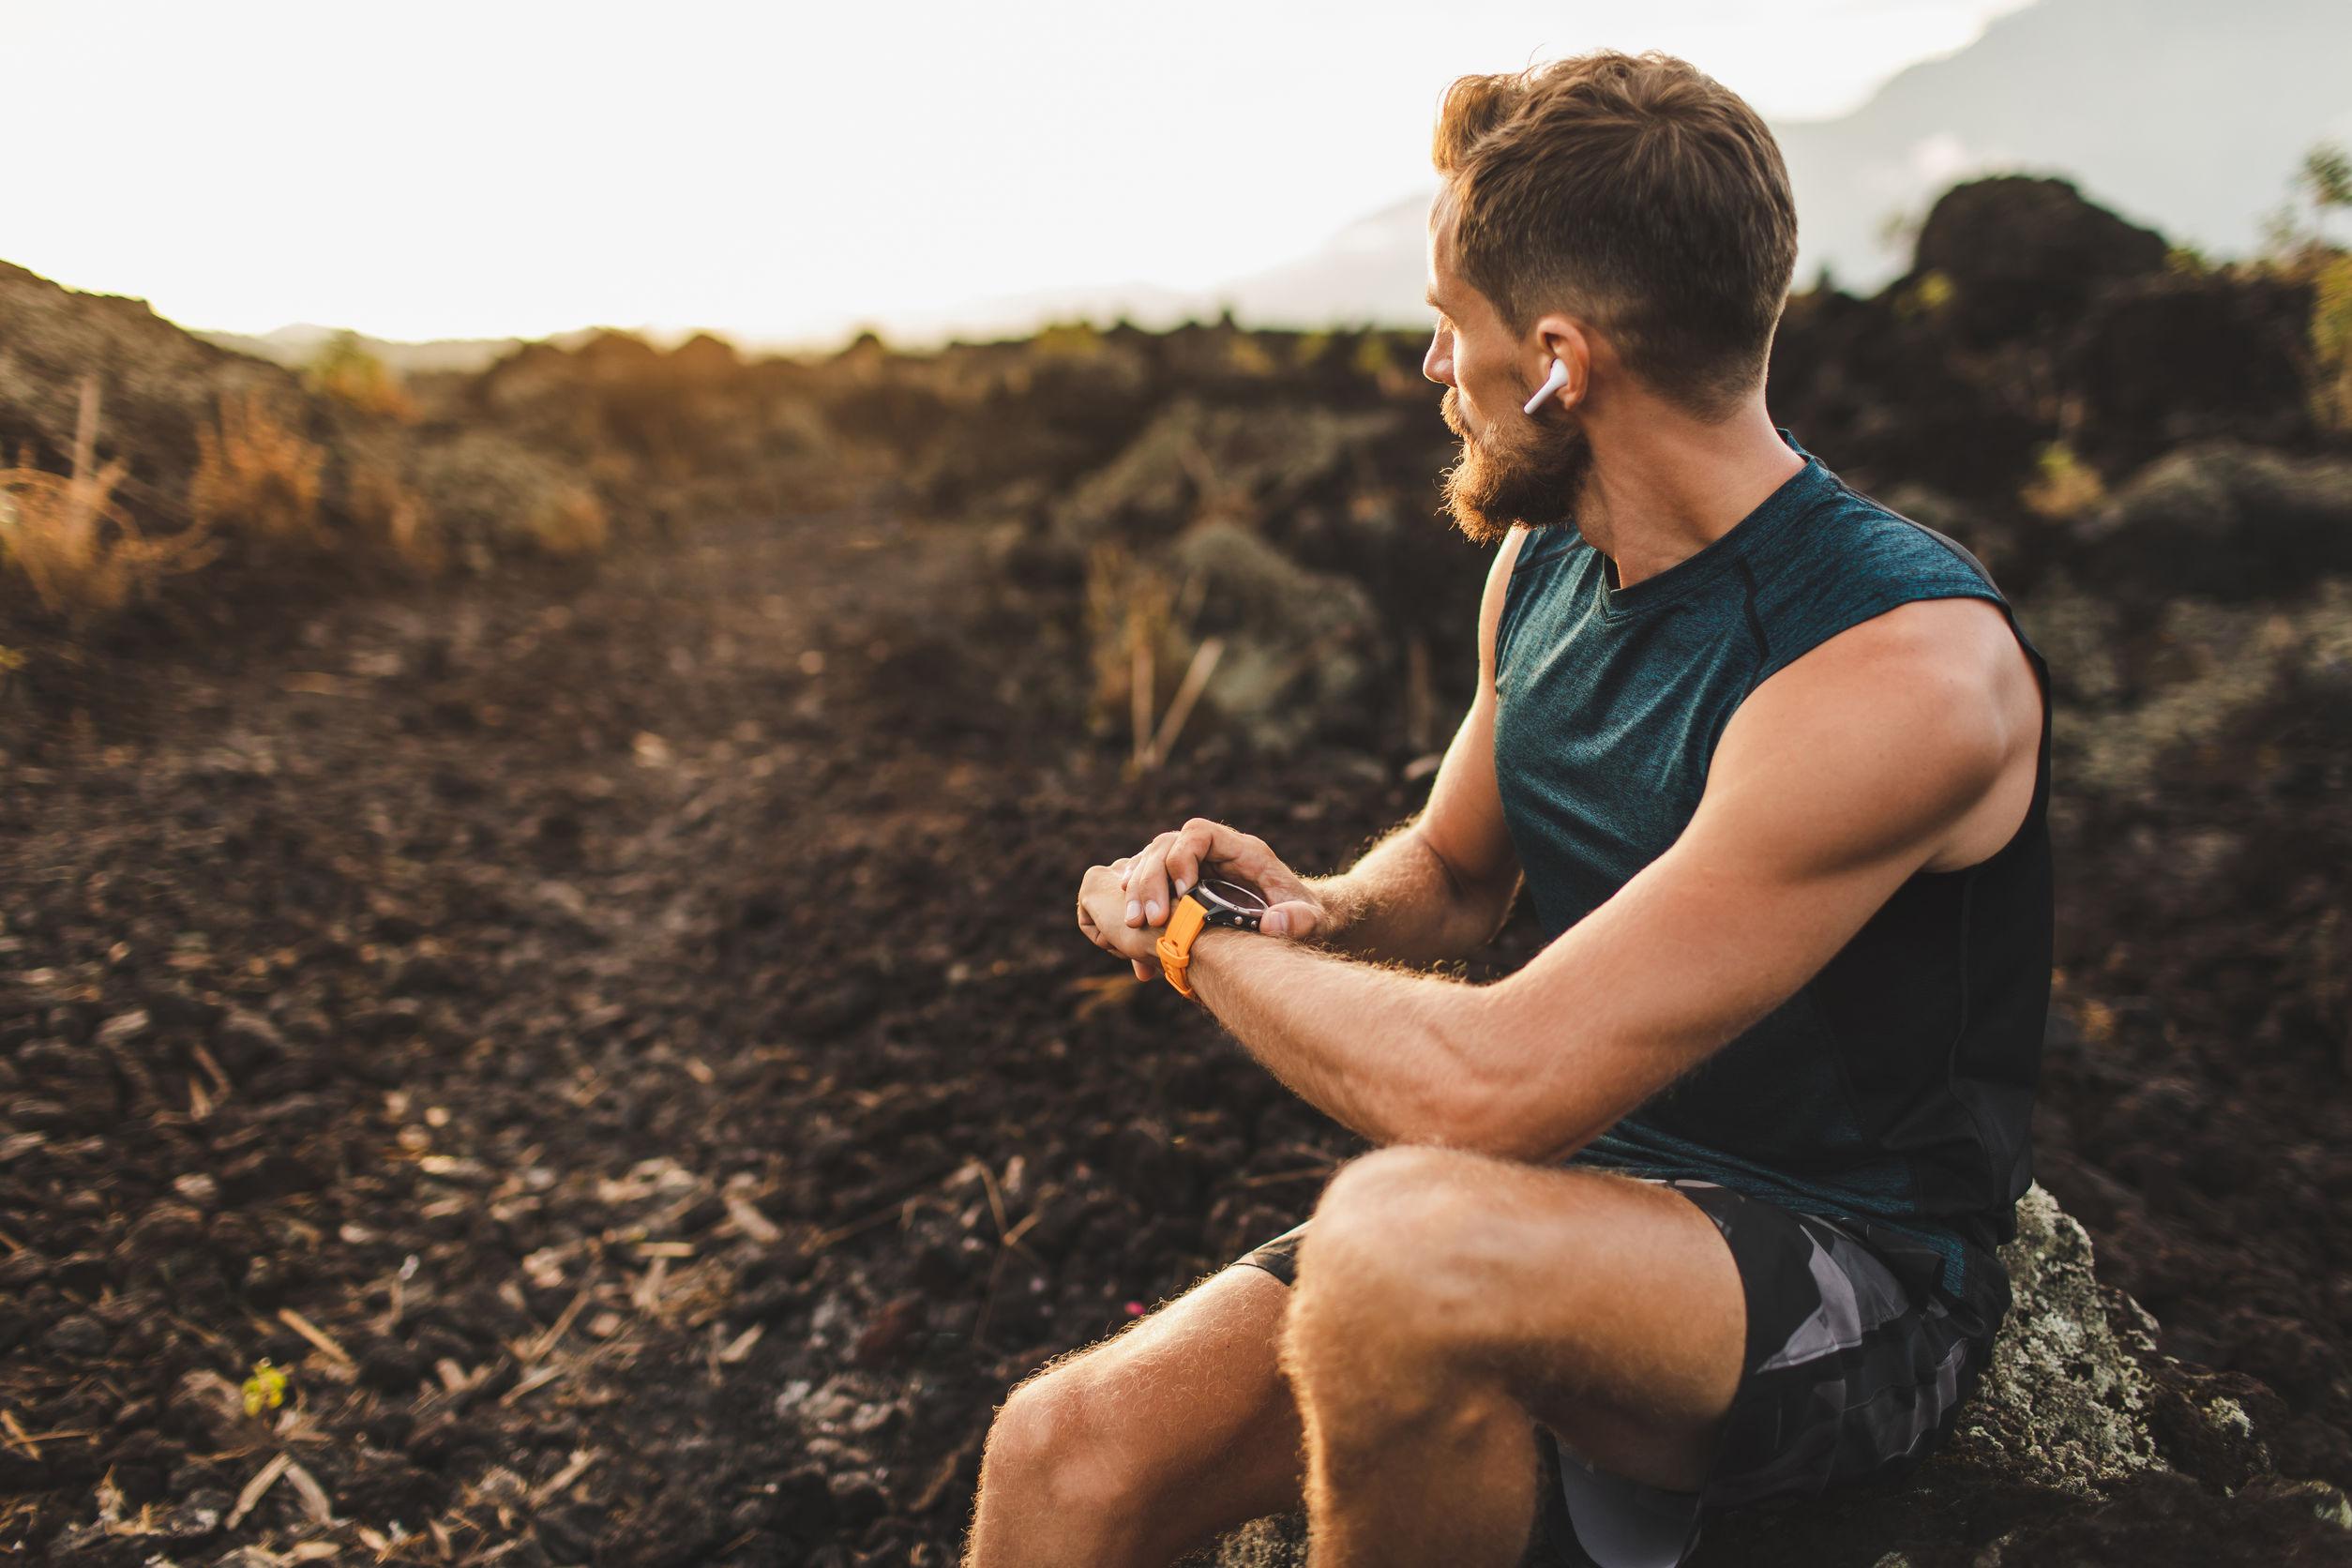 El corredor atlético comienza a entrenar en un rastreador de ejercicios o un reloj inteligente y mira hacia el horizonte